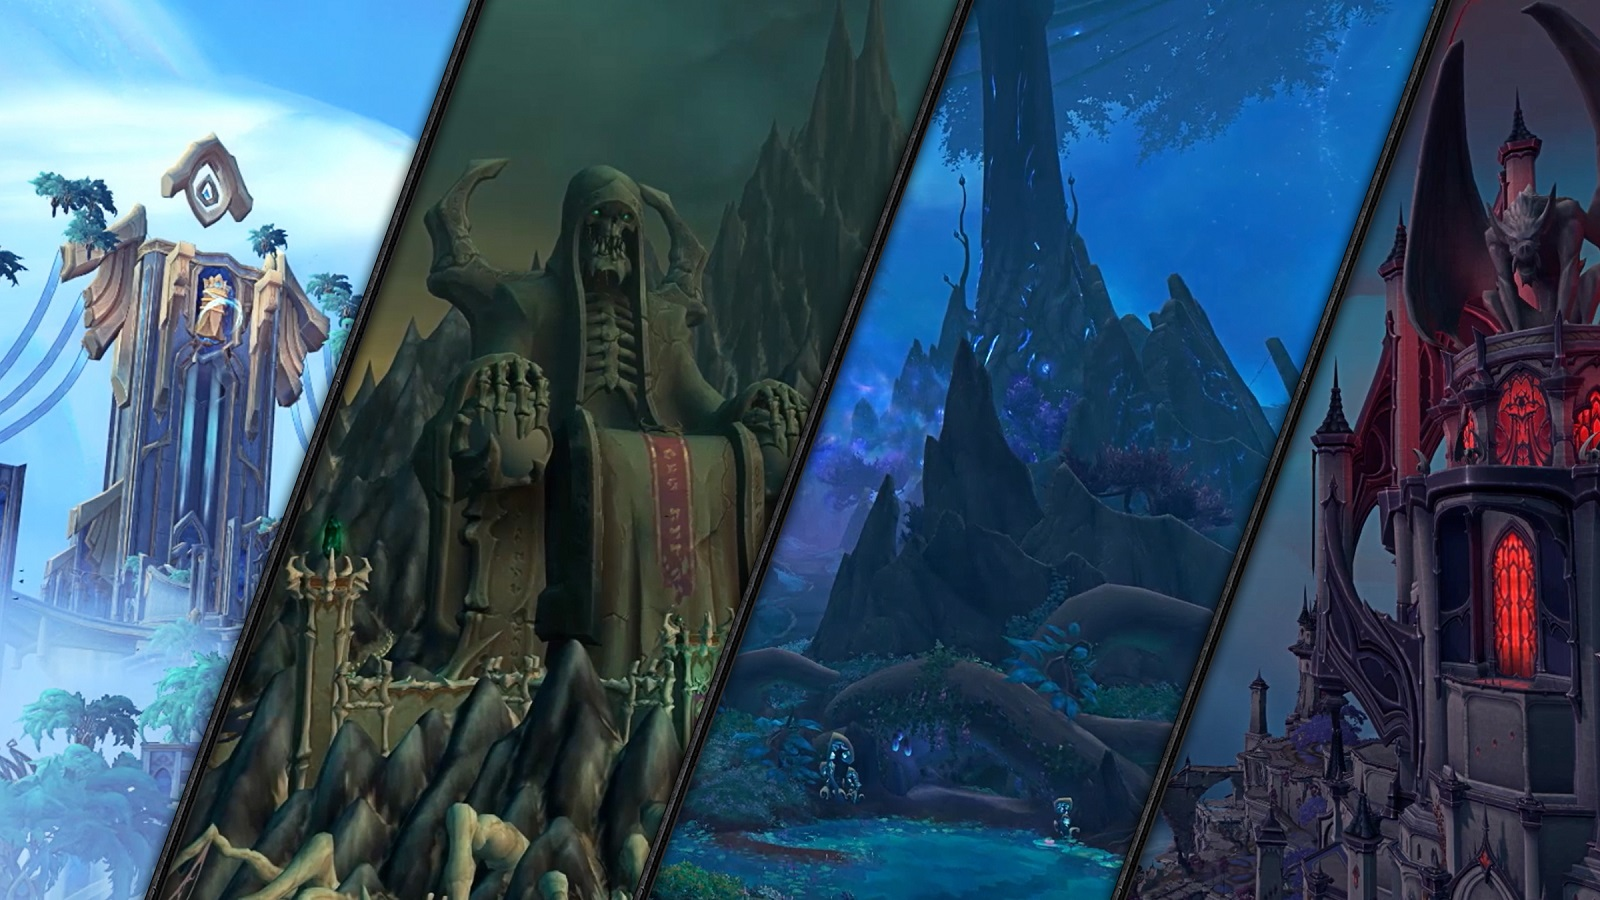 在《魔獸世界®》最新資料片《暗影之境》探索自己的命運